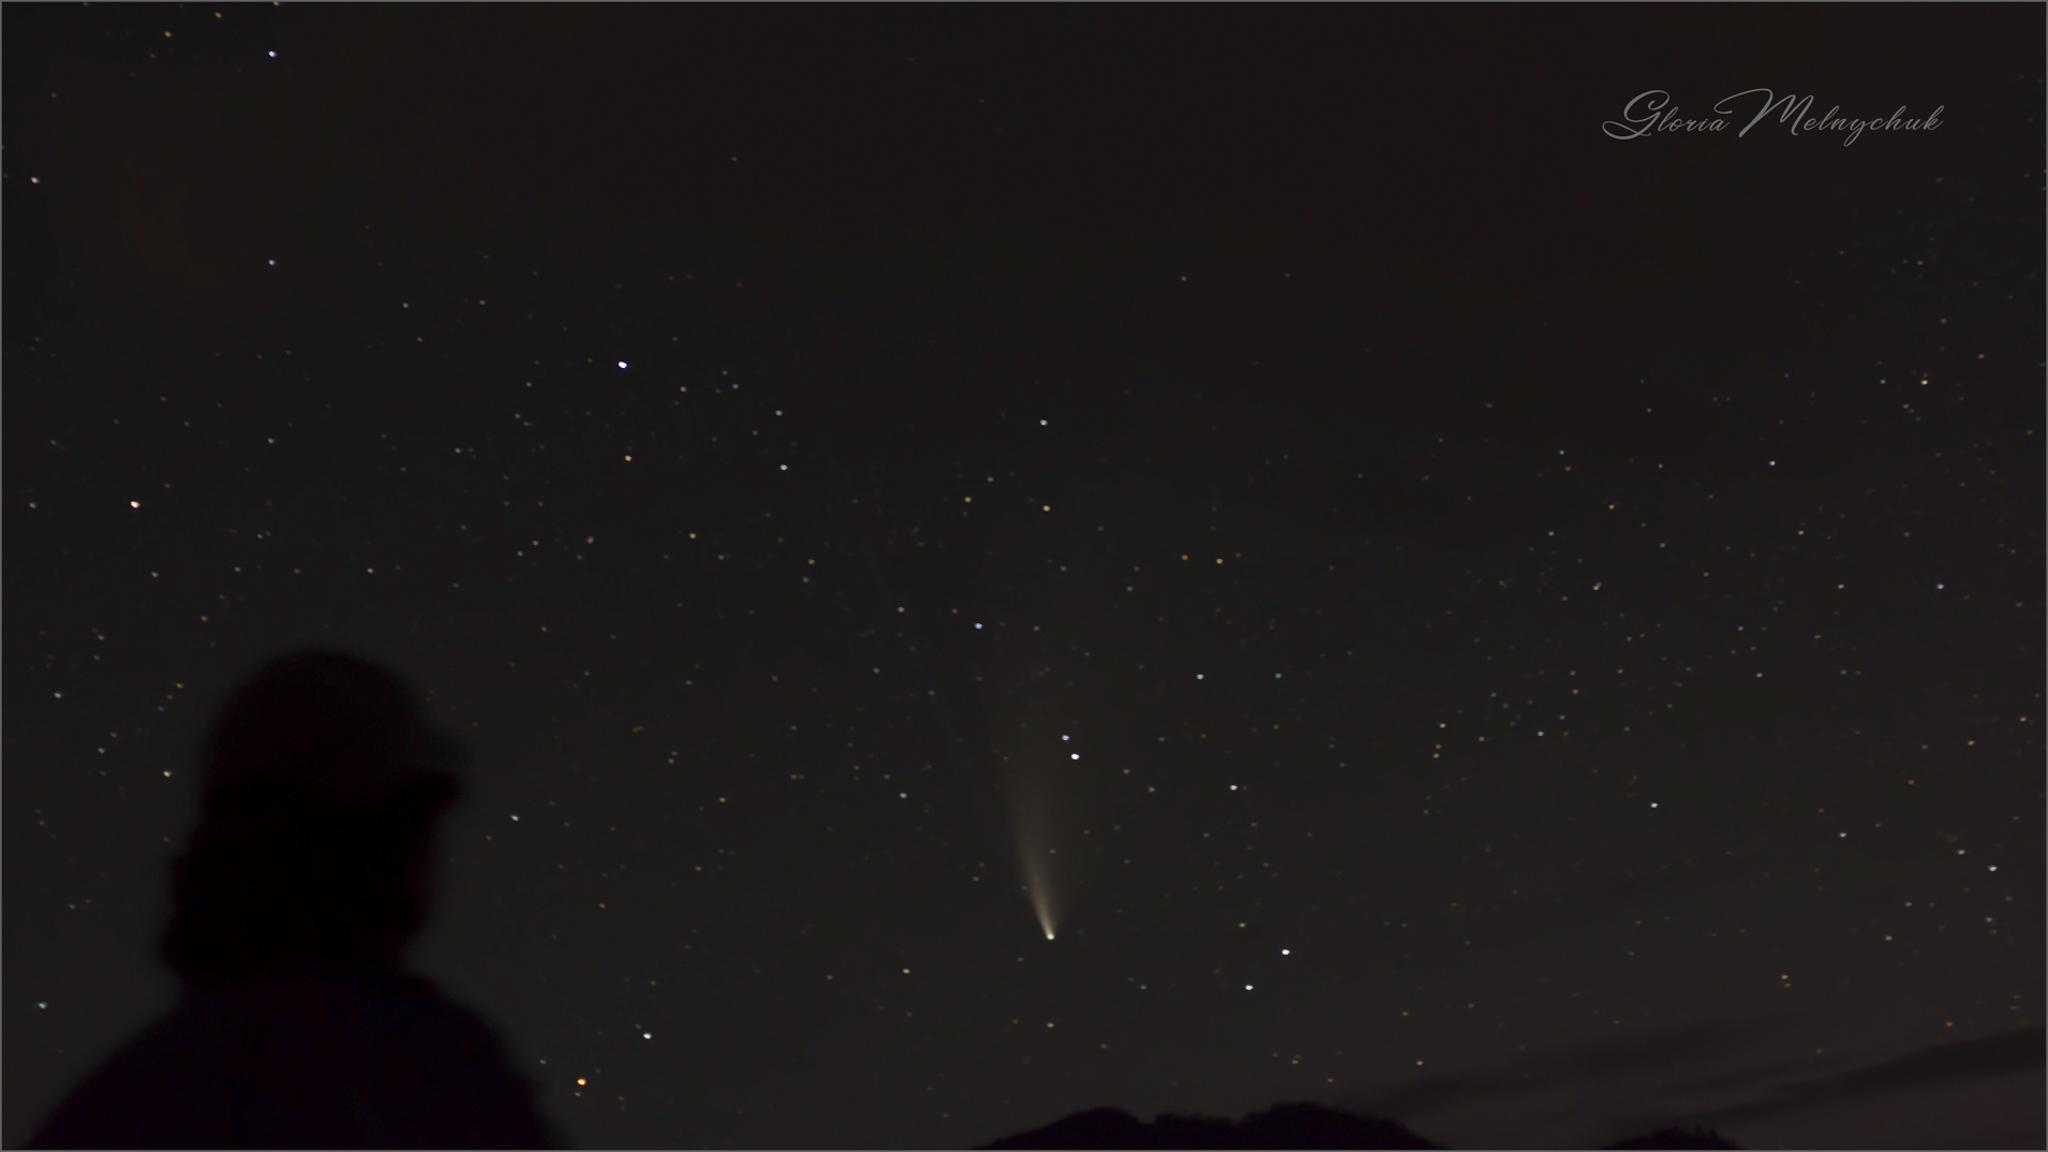 Comet Neowise_WGP4461-270 - Gloria Melnychuk